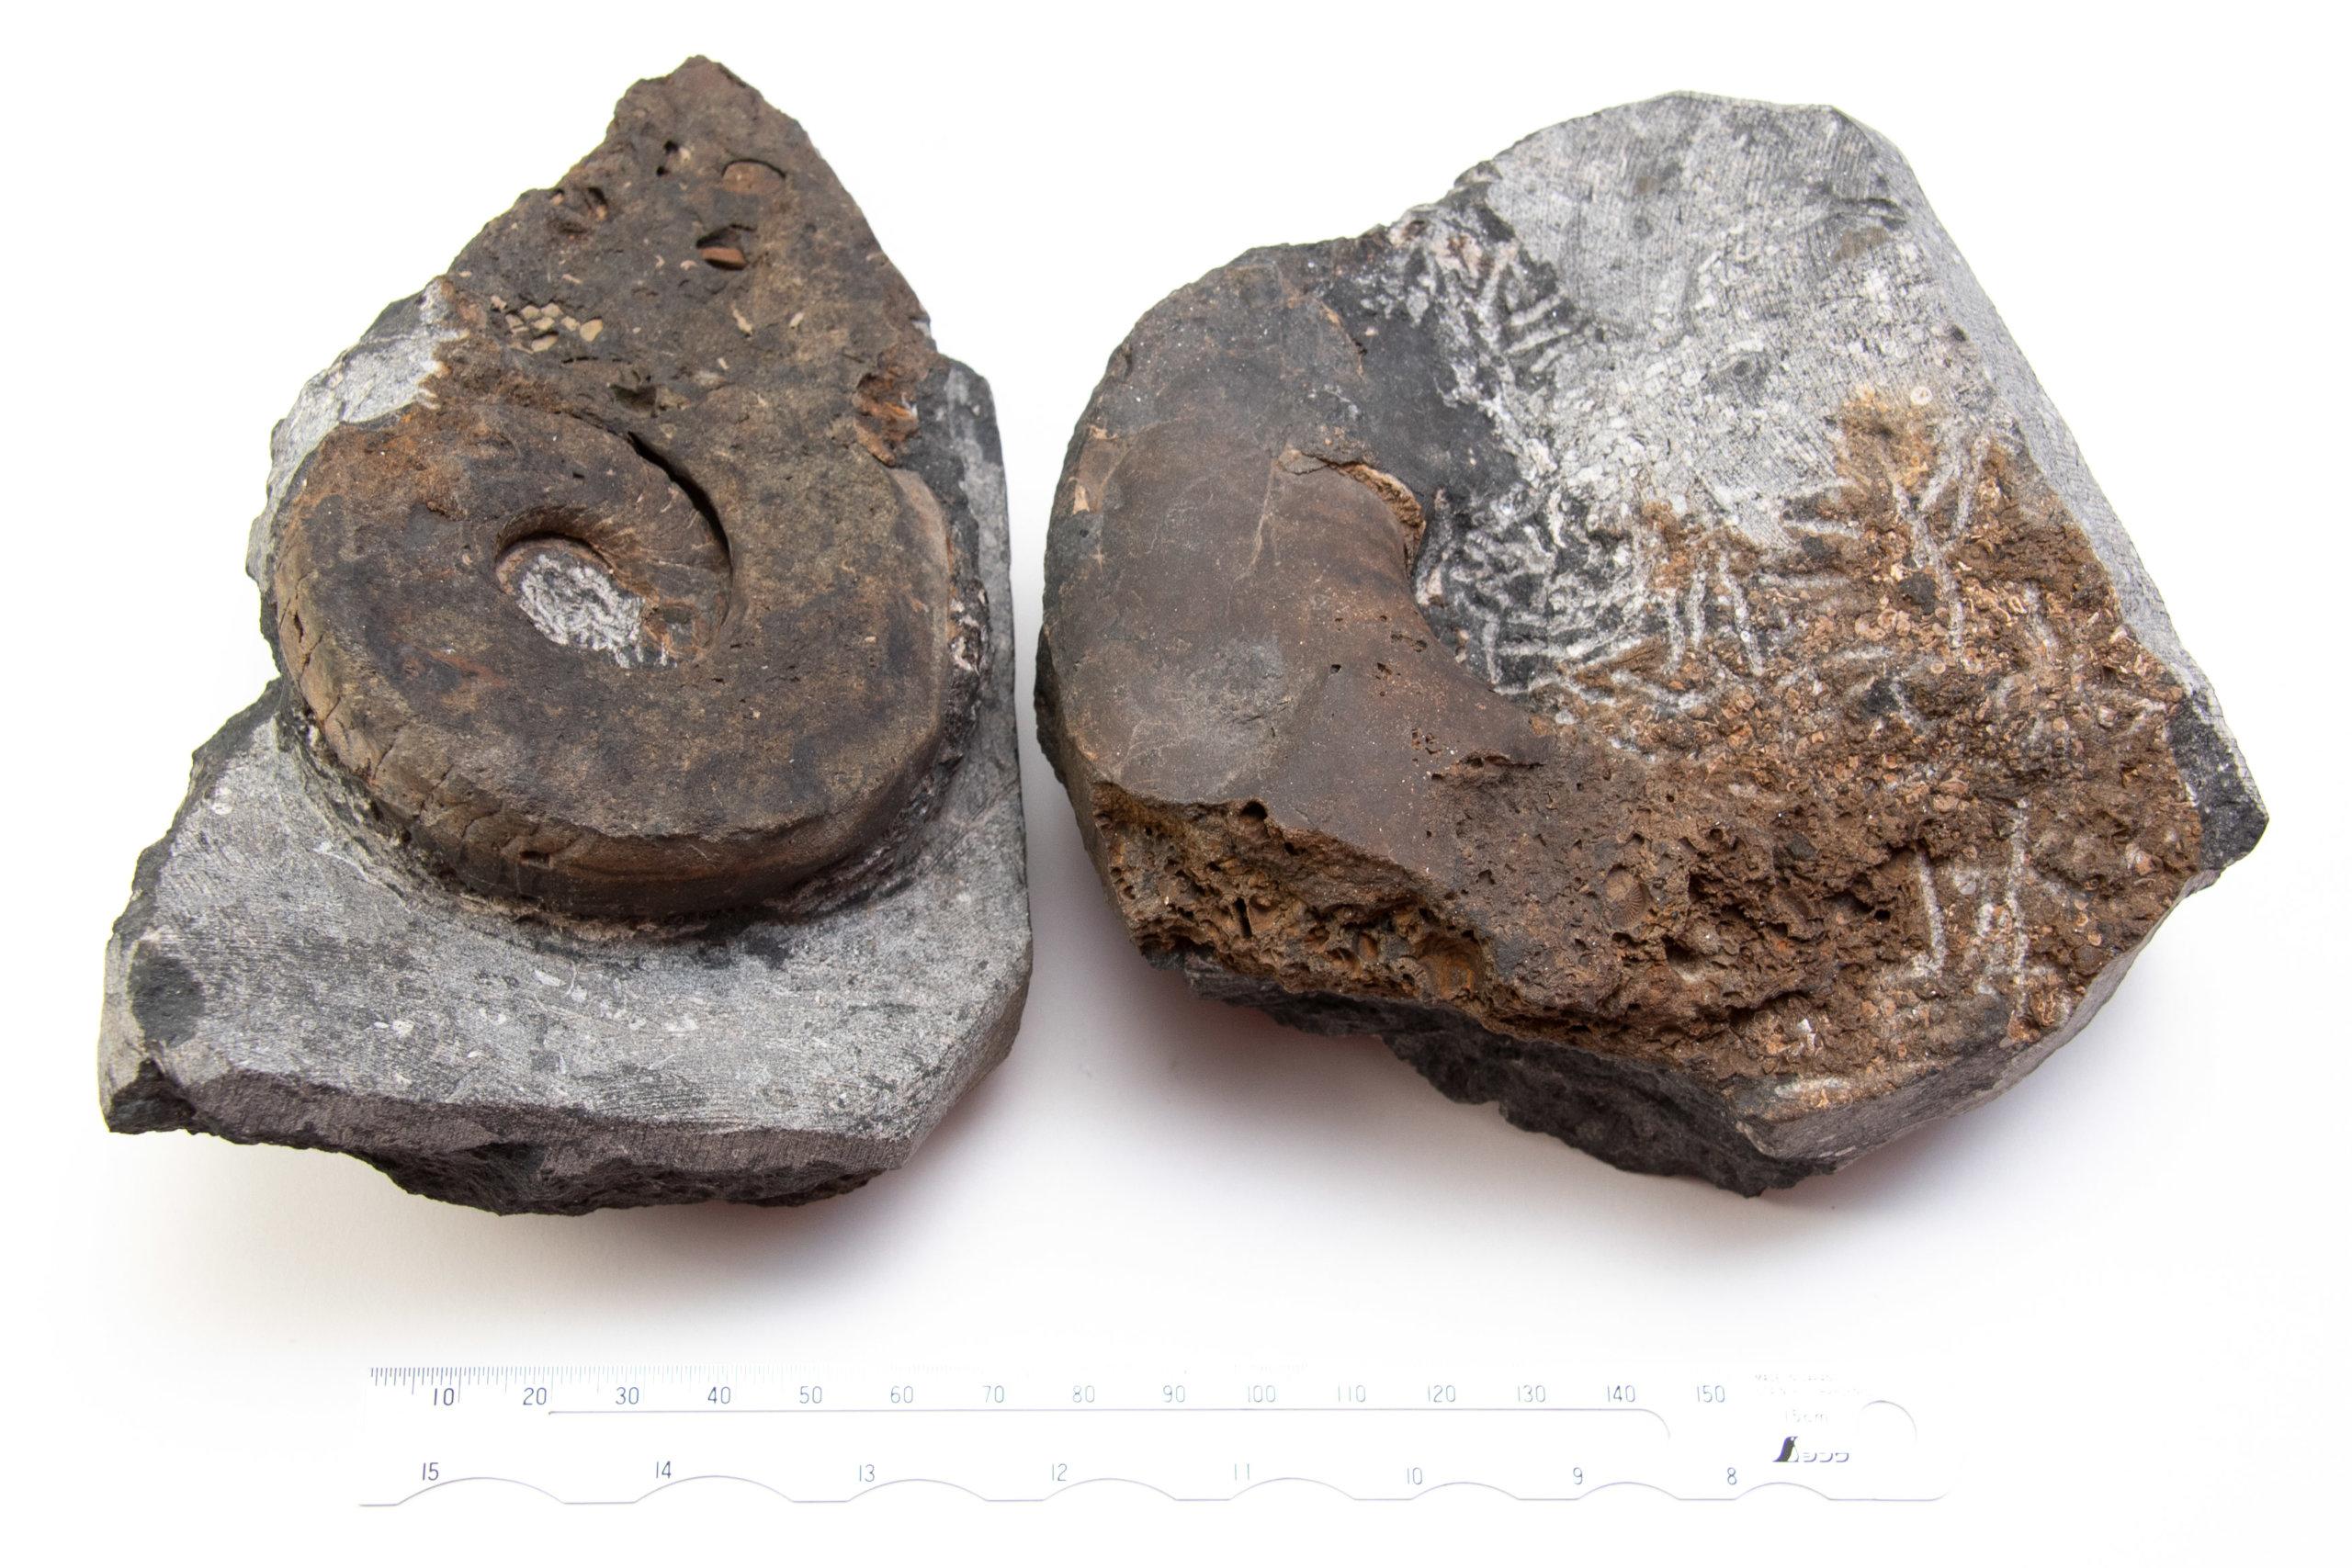 domatoceras-cg-0068-vs-metacoceras-cg-00